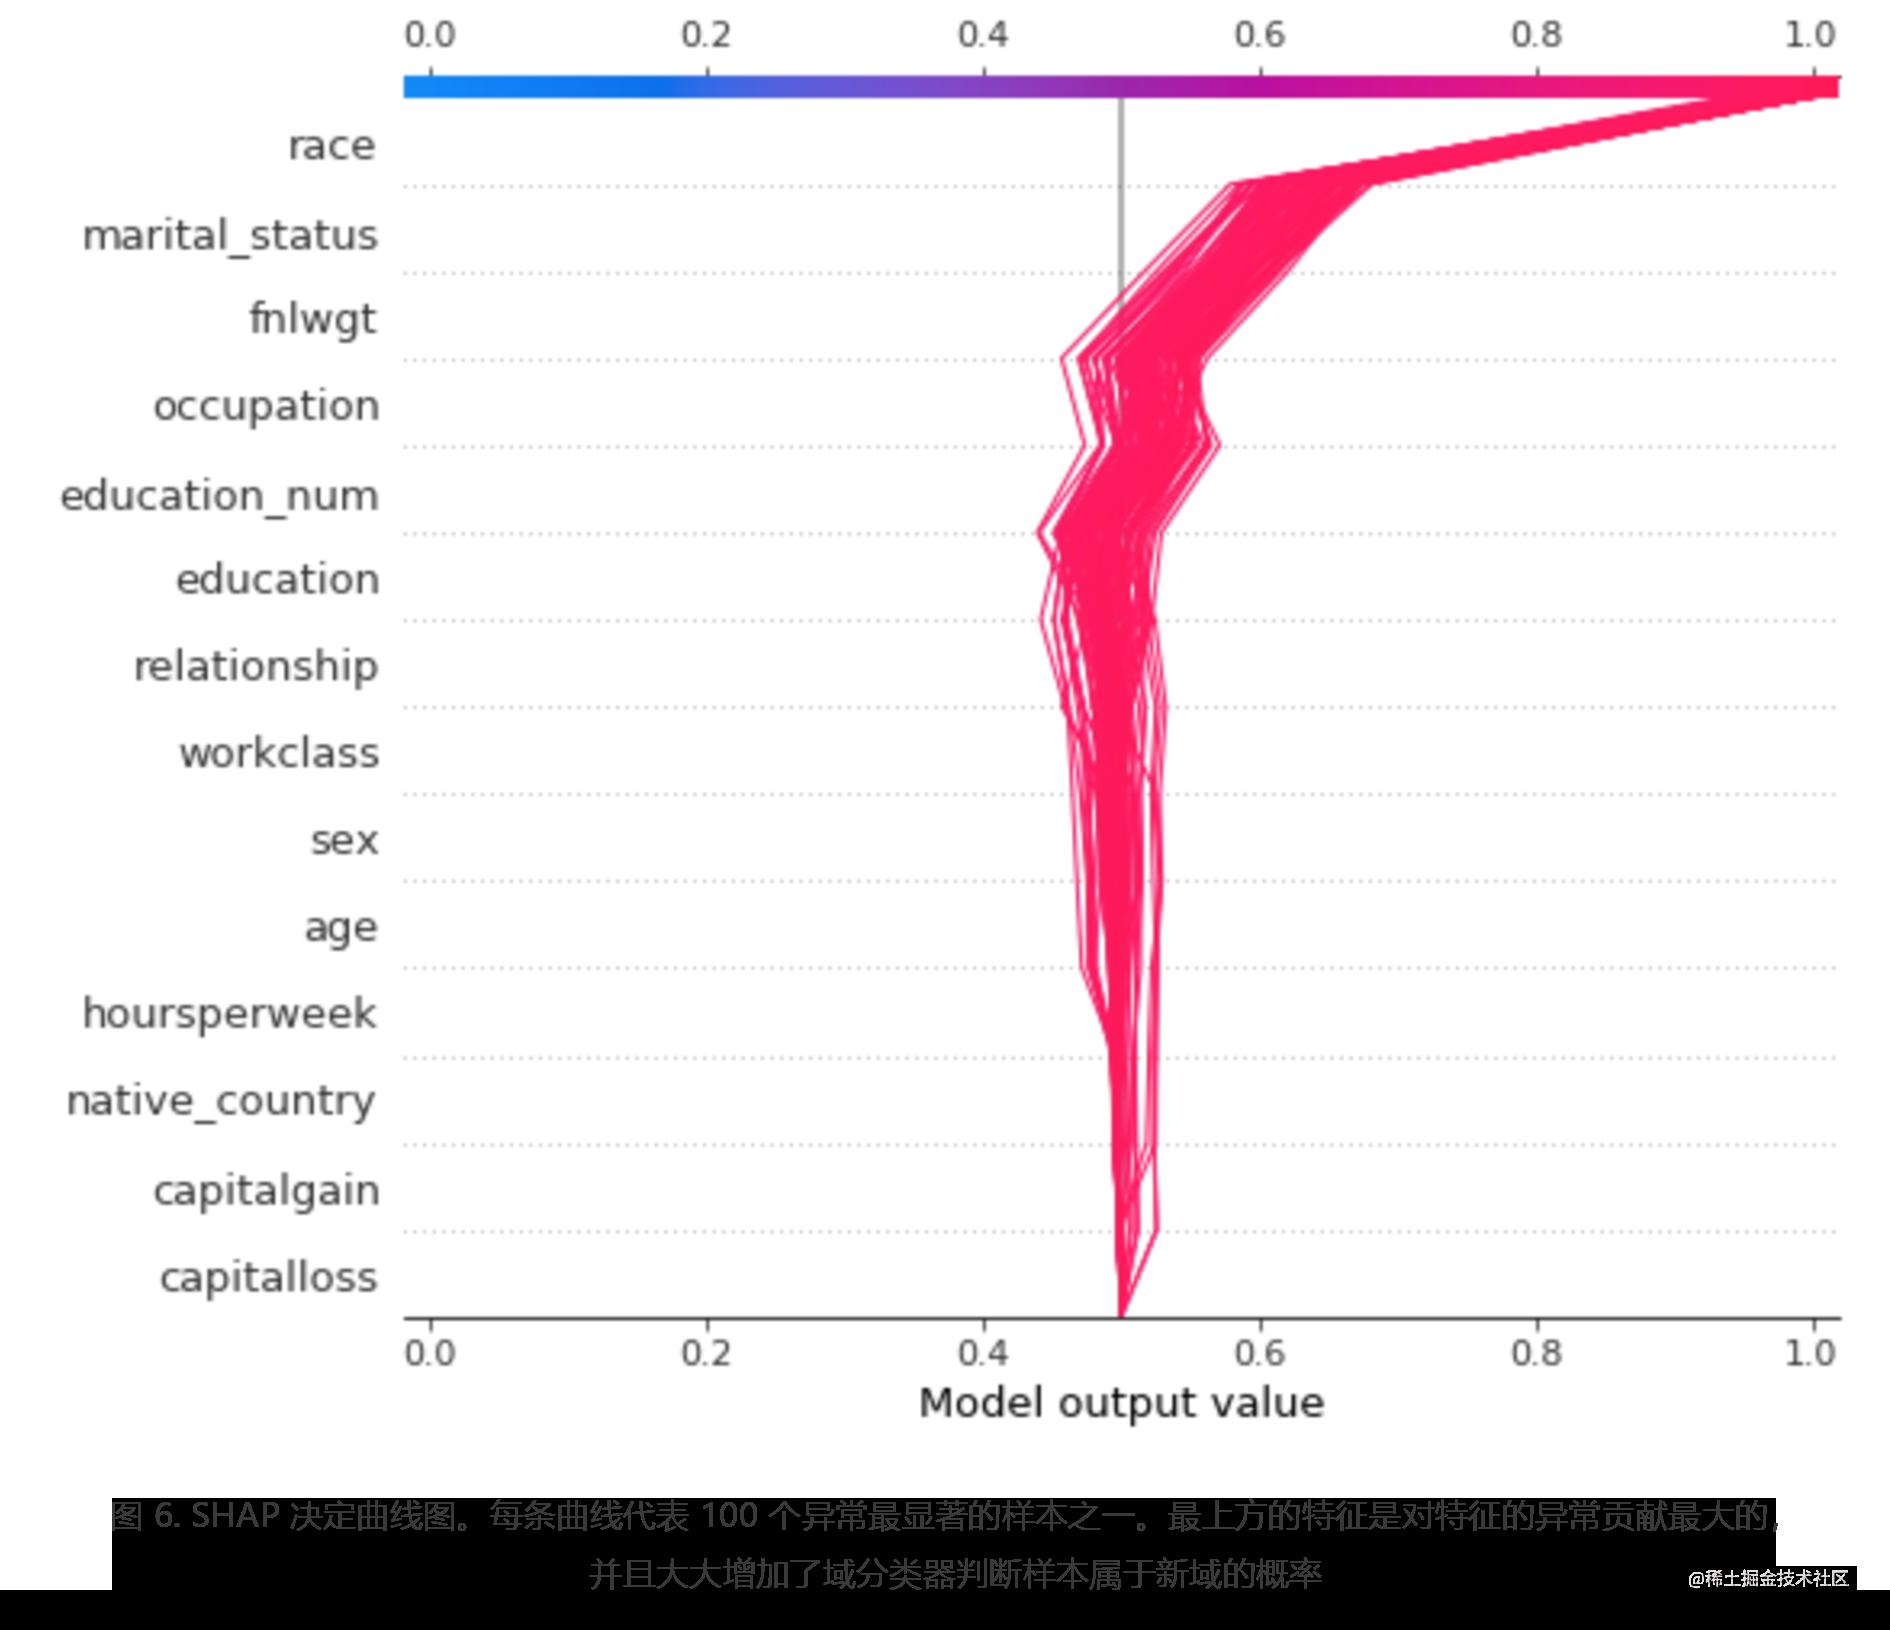 图 6. SHAP 决定曲线图。每条曲线代表 100 个异常最显著的样本之一。最上方的特征是对特征的异常贡献最大的,并且大大增加了域分类器判断样本属于新域的概率